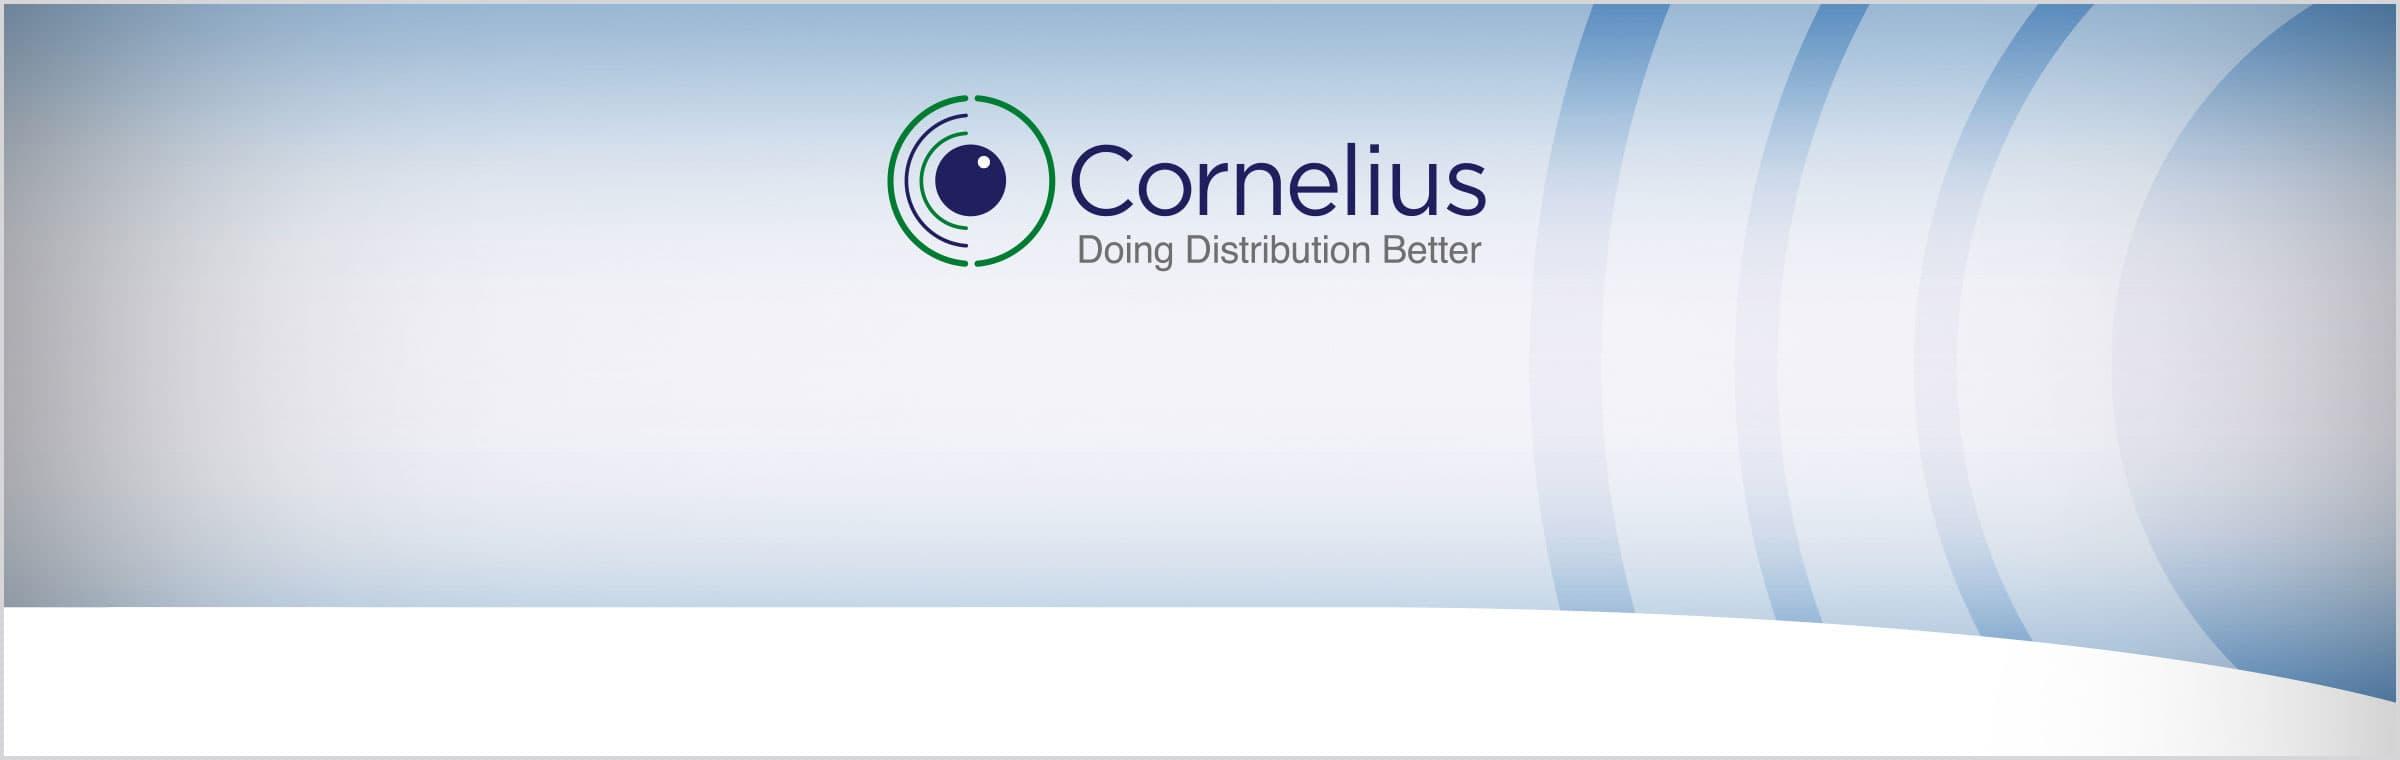 Cornelius Group Plc